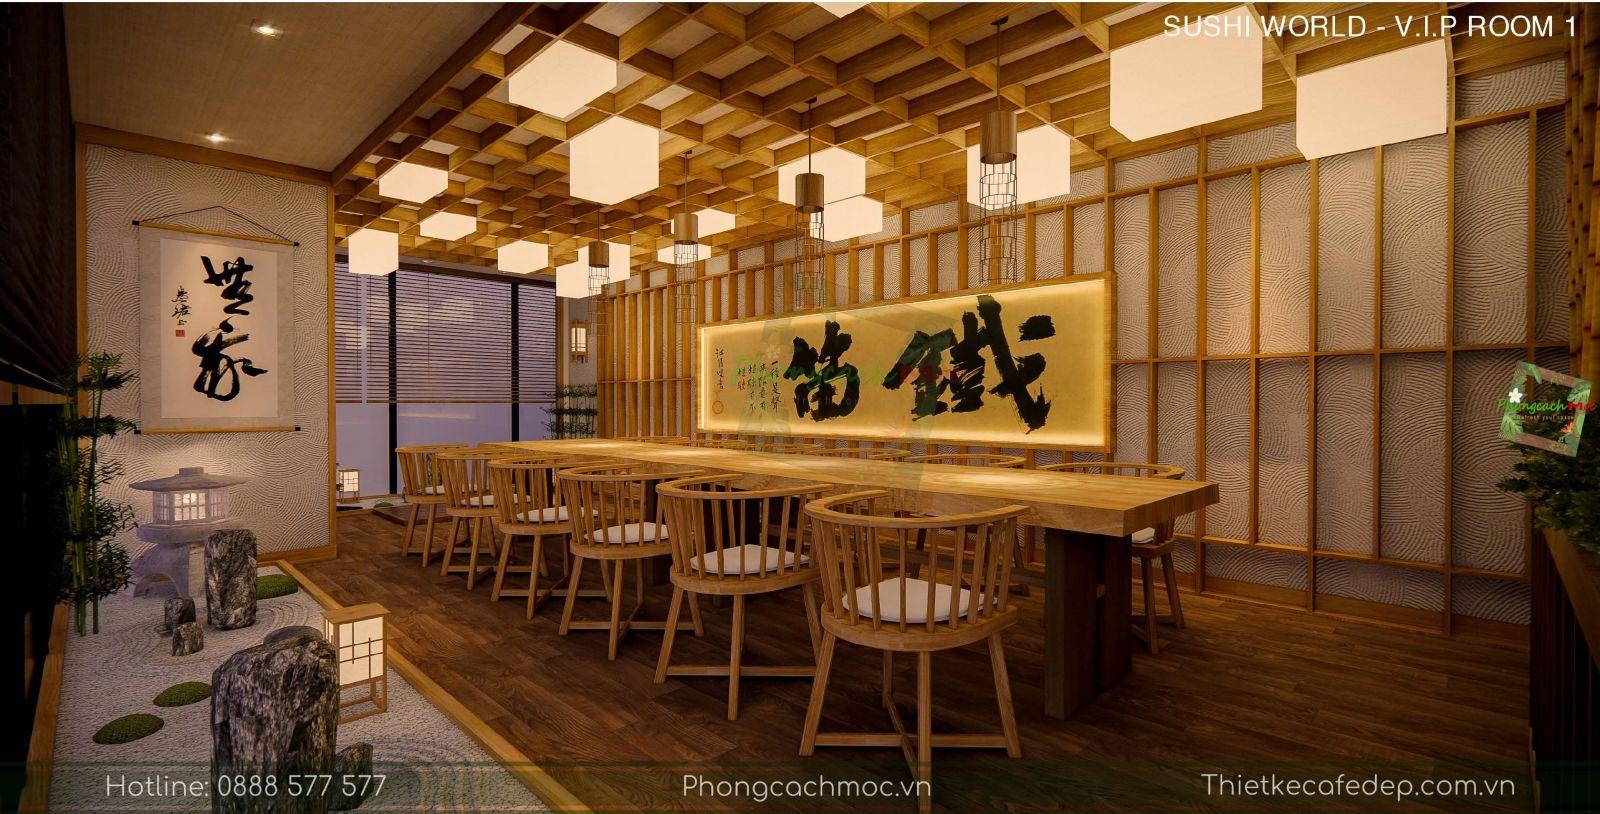 mau-thiet-ke-nha-hang-nhat-ban-hien-dai-sushi-world-viprooms